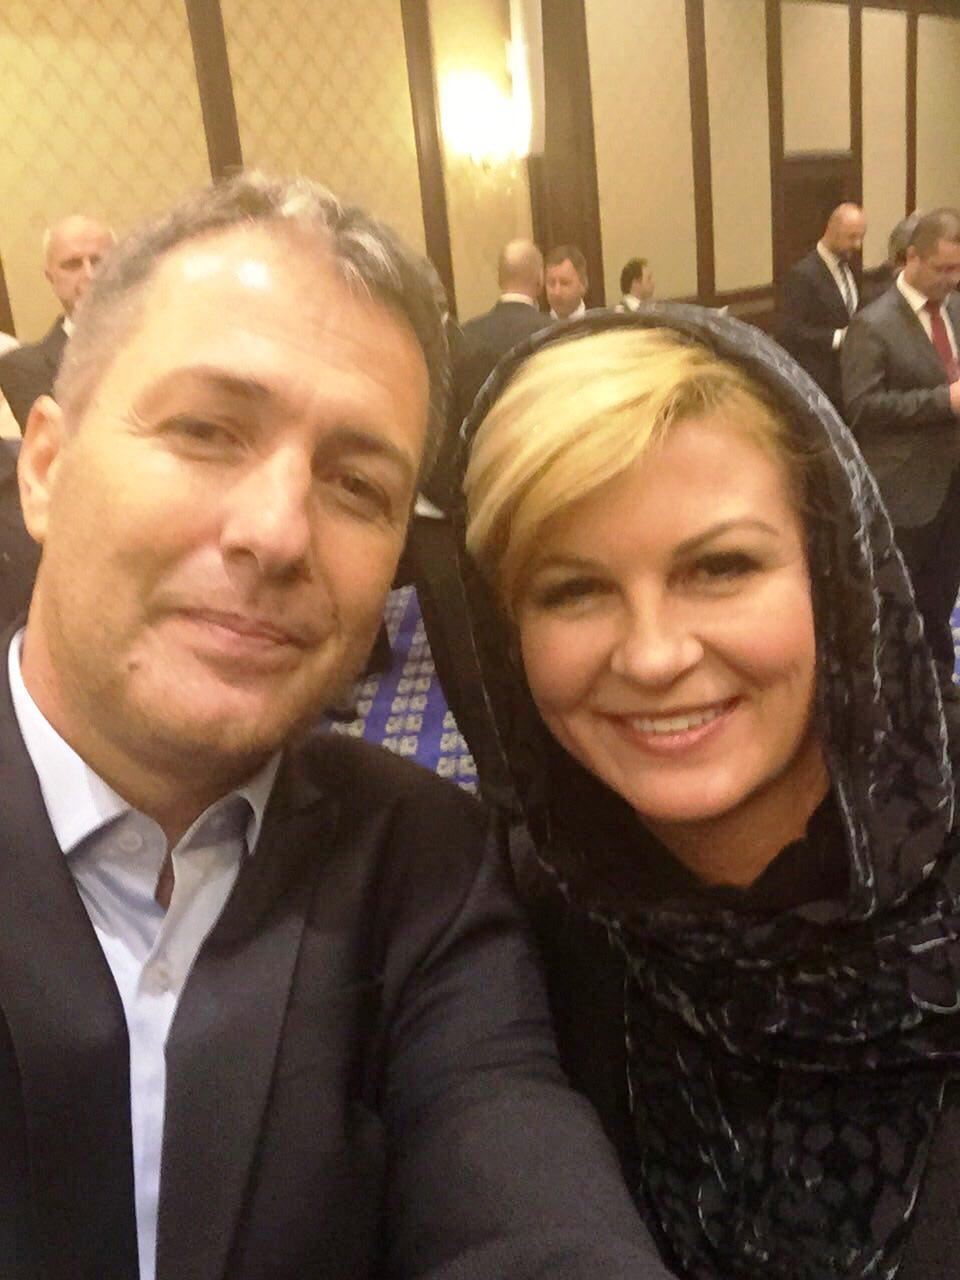 دیدار مربیان کروات با رئیس جمهور کرواسی در تهران! + عکس